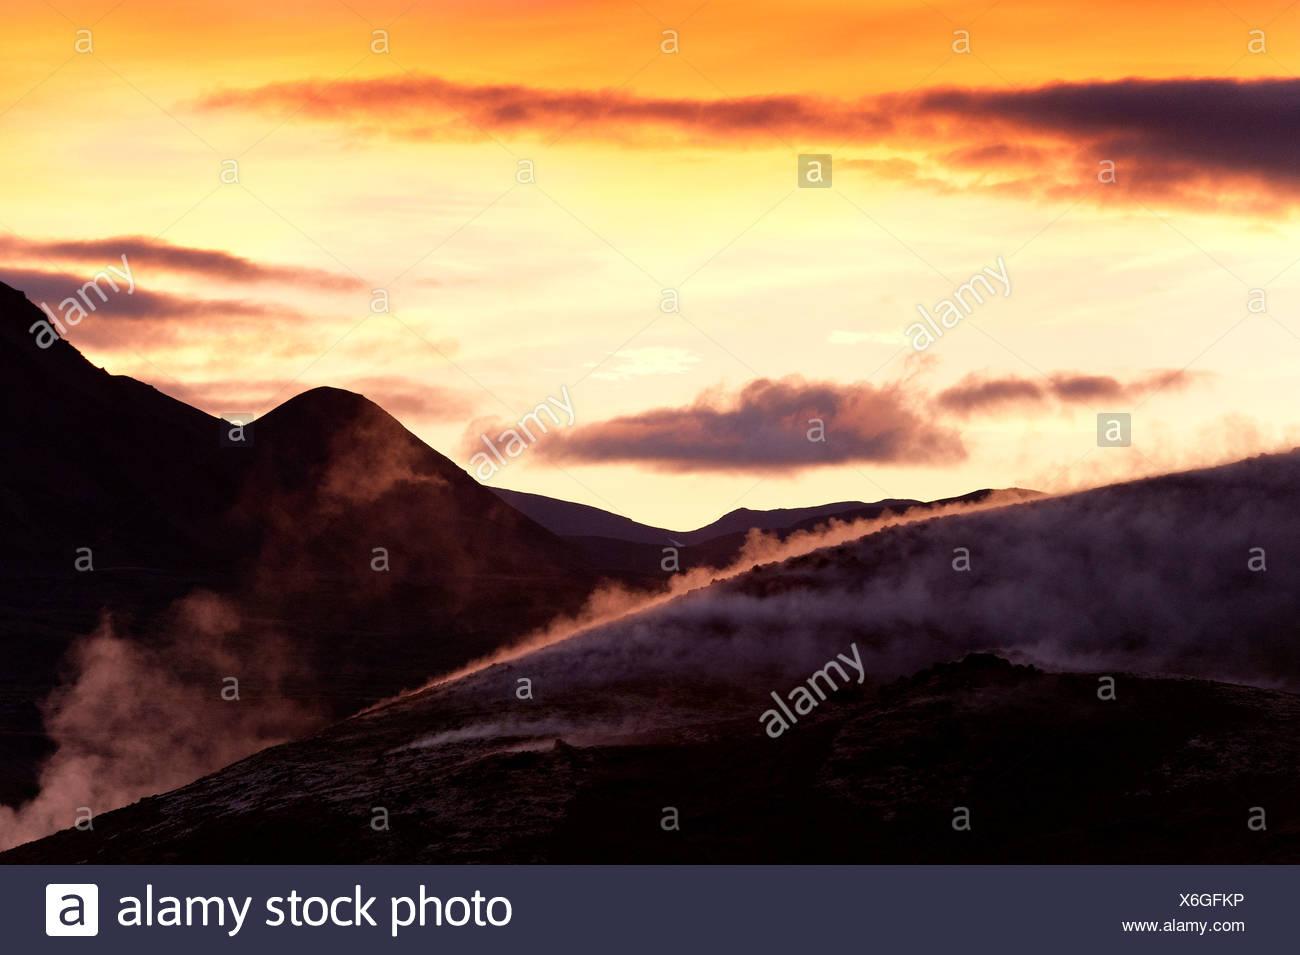 L'augmentation de la vapeur, de l'énergie géothermique, près du lac Myvatn, le nord de l'Islande, de l'Europe Photo Stock